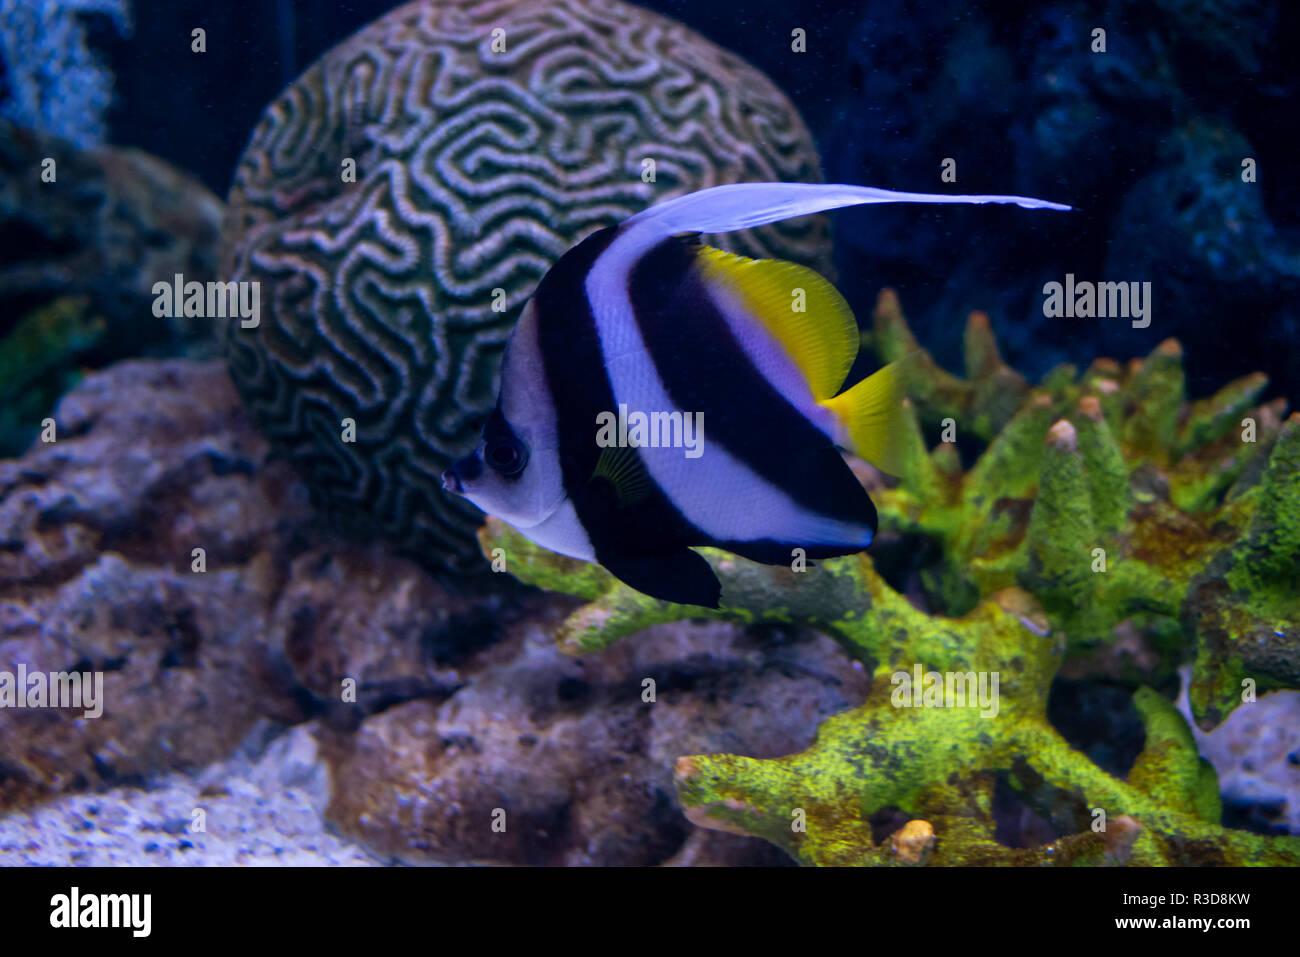 Schone Fische Im Aquarium Dekoration Von Wasserpflanzen Hintergrund Helles Rot Gestreifte Fische Korallen Unterwasser Meer Stockfotografie Alamy